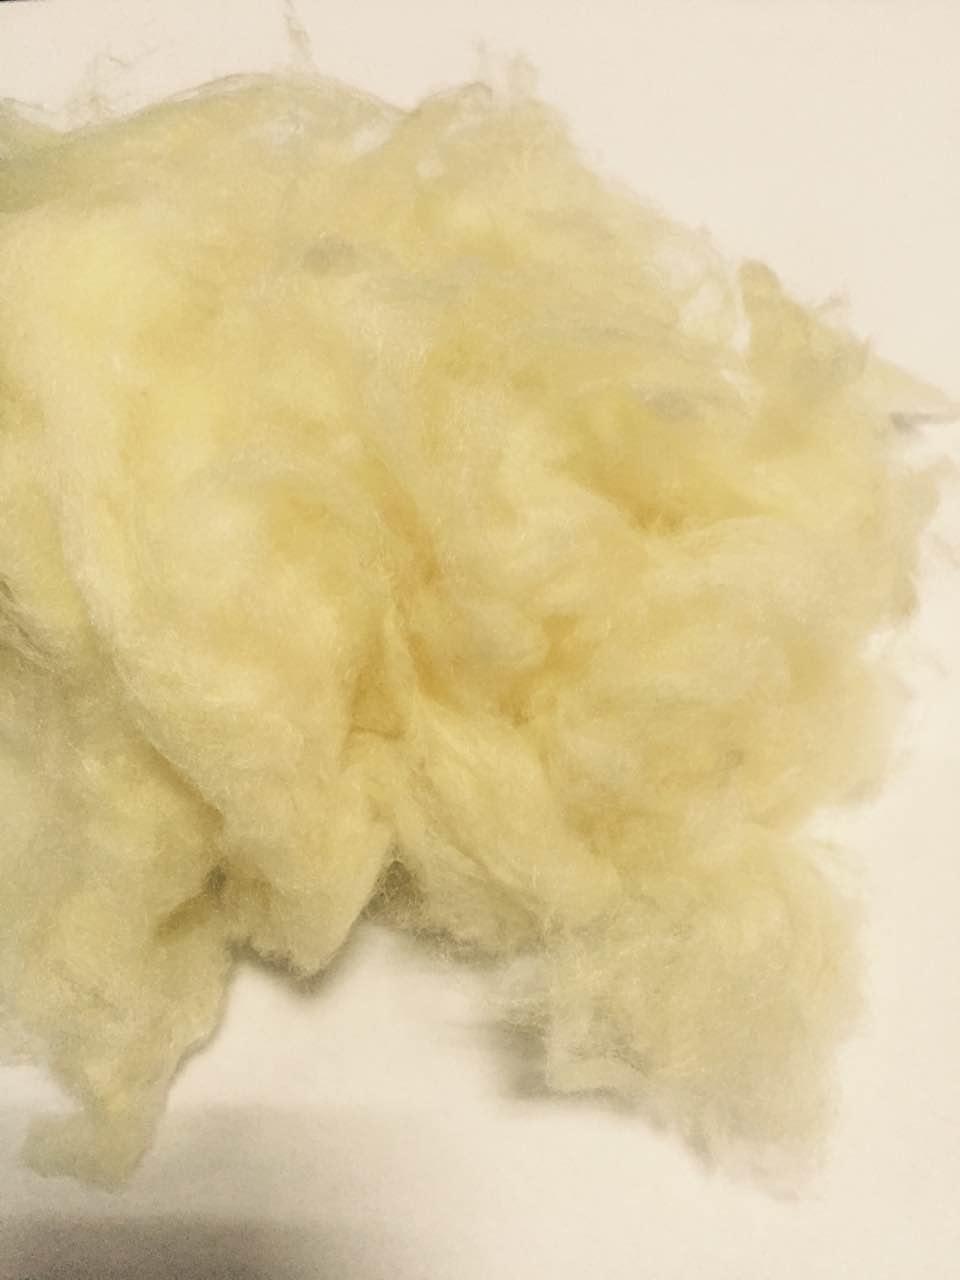 全市质量好的混纺短纤维推荐 创新型的PTFE纤维